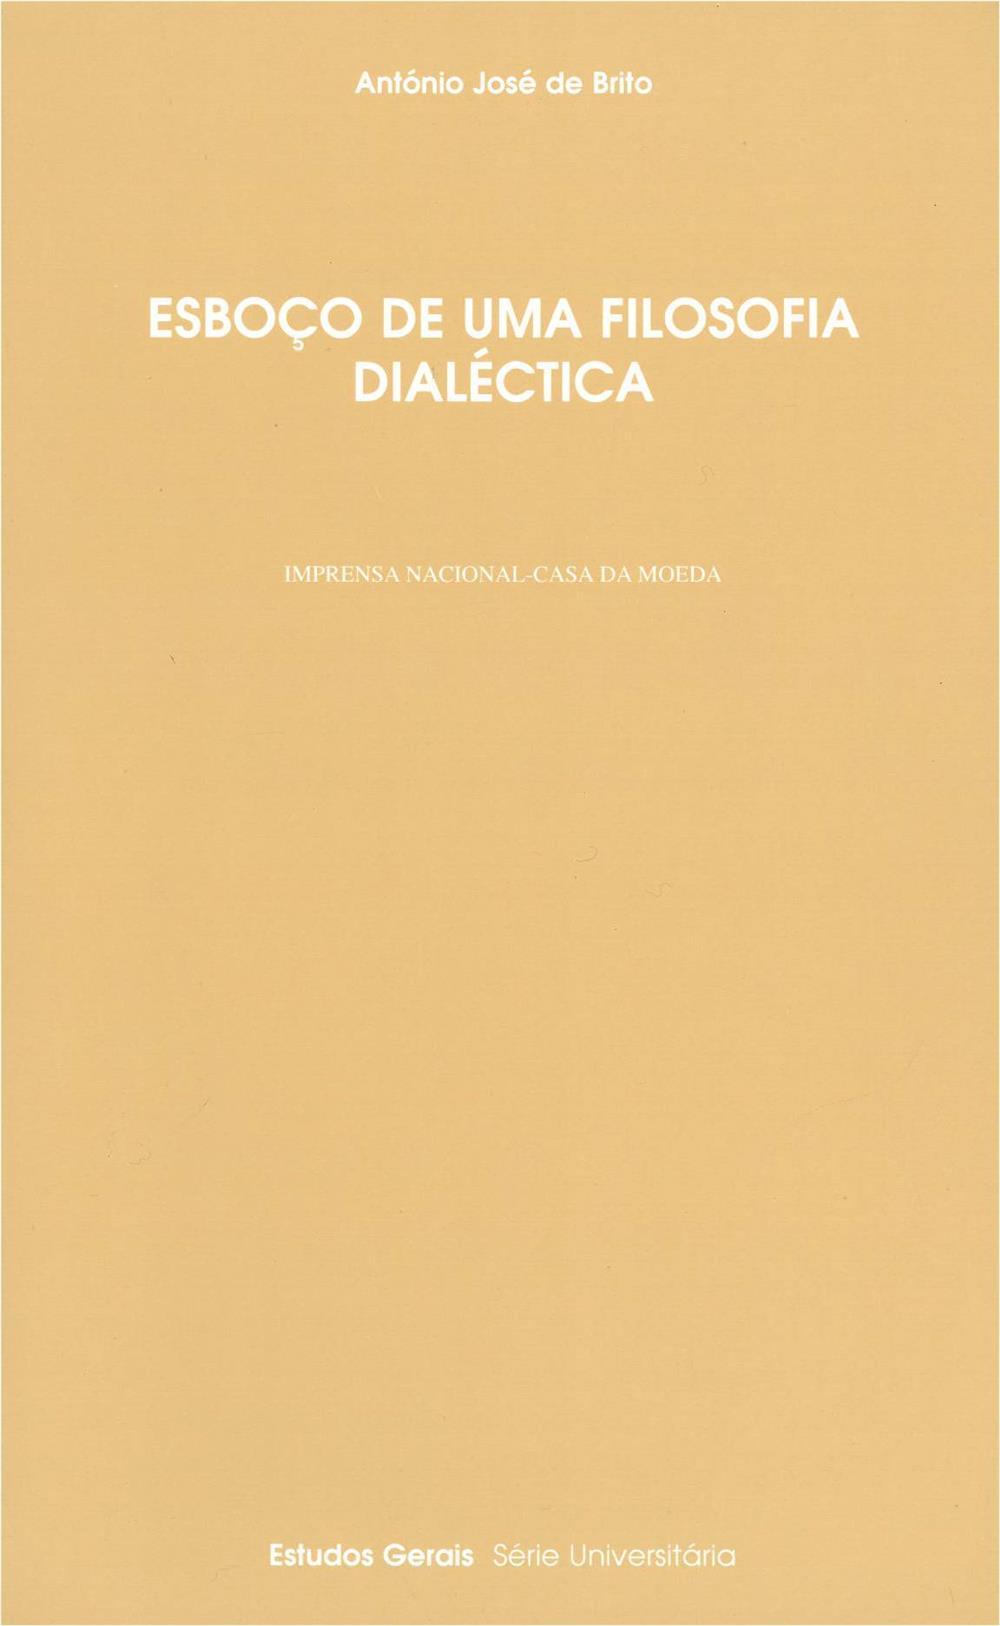 Esboço de uma filosofia dialéctica_.jpg